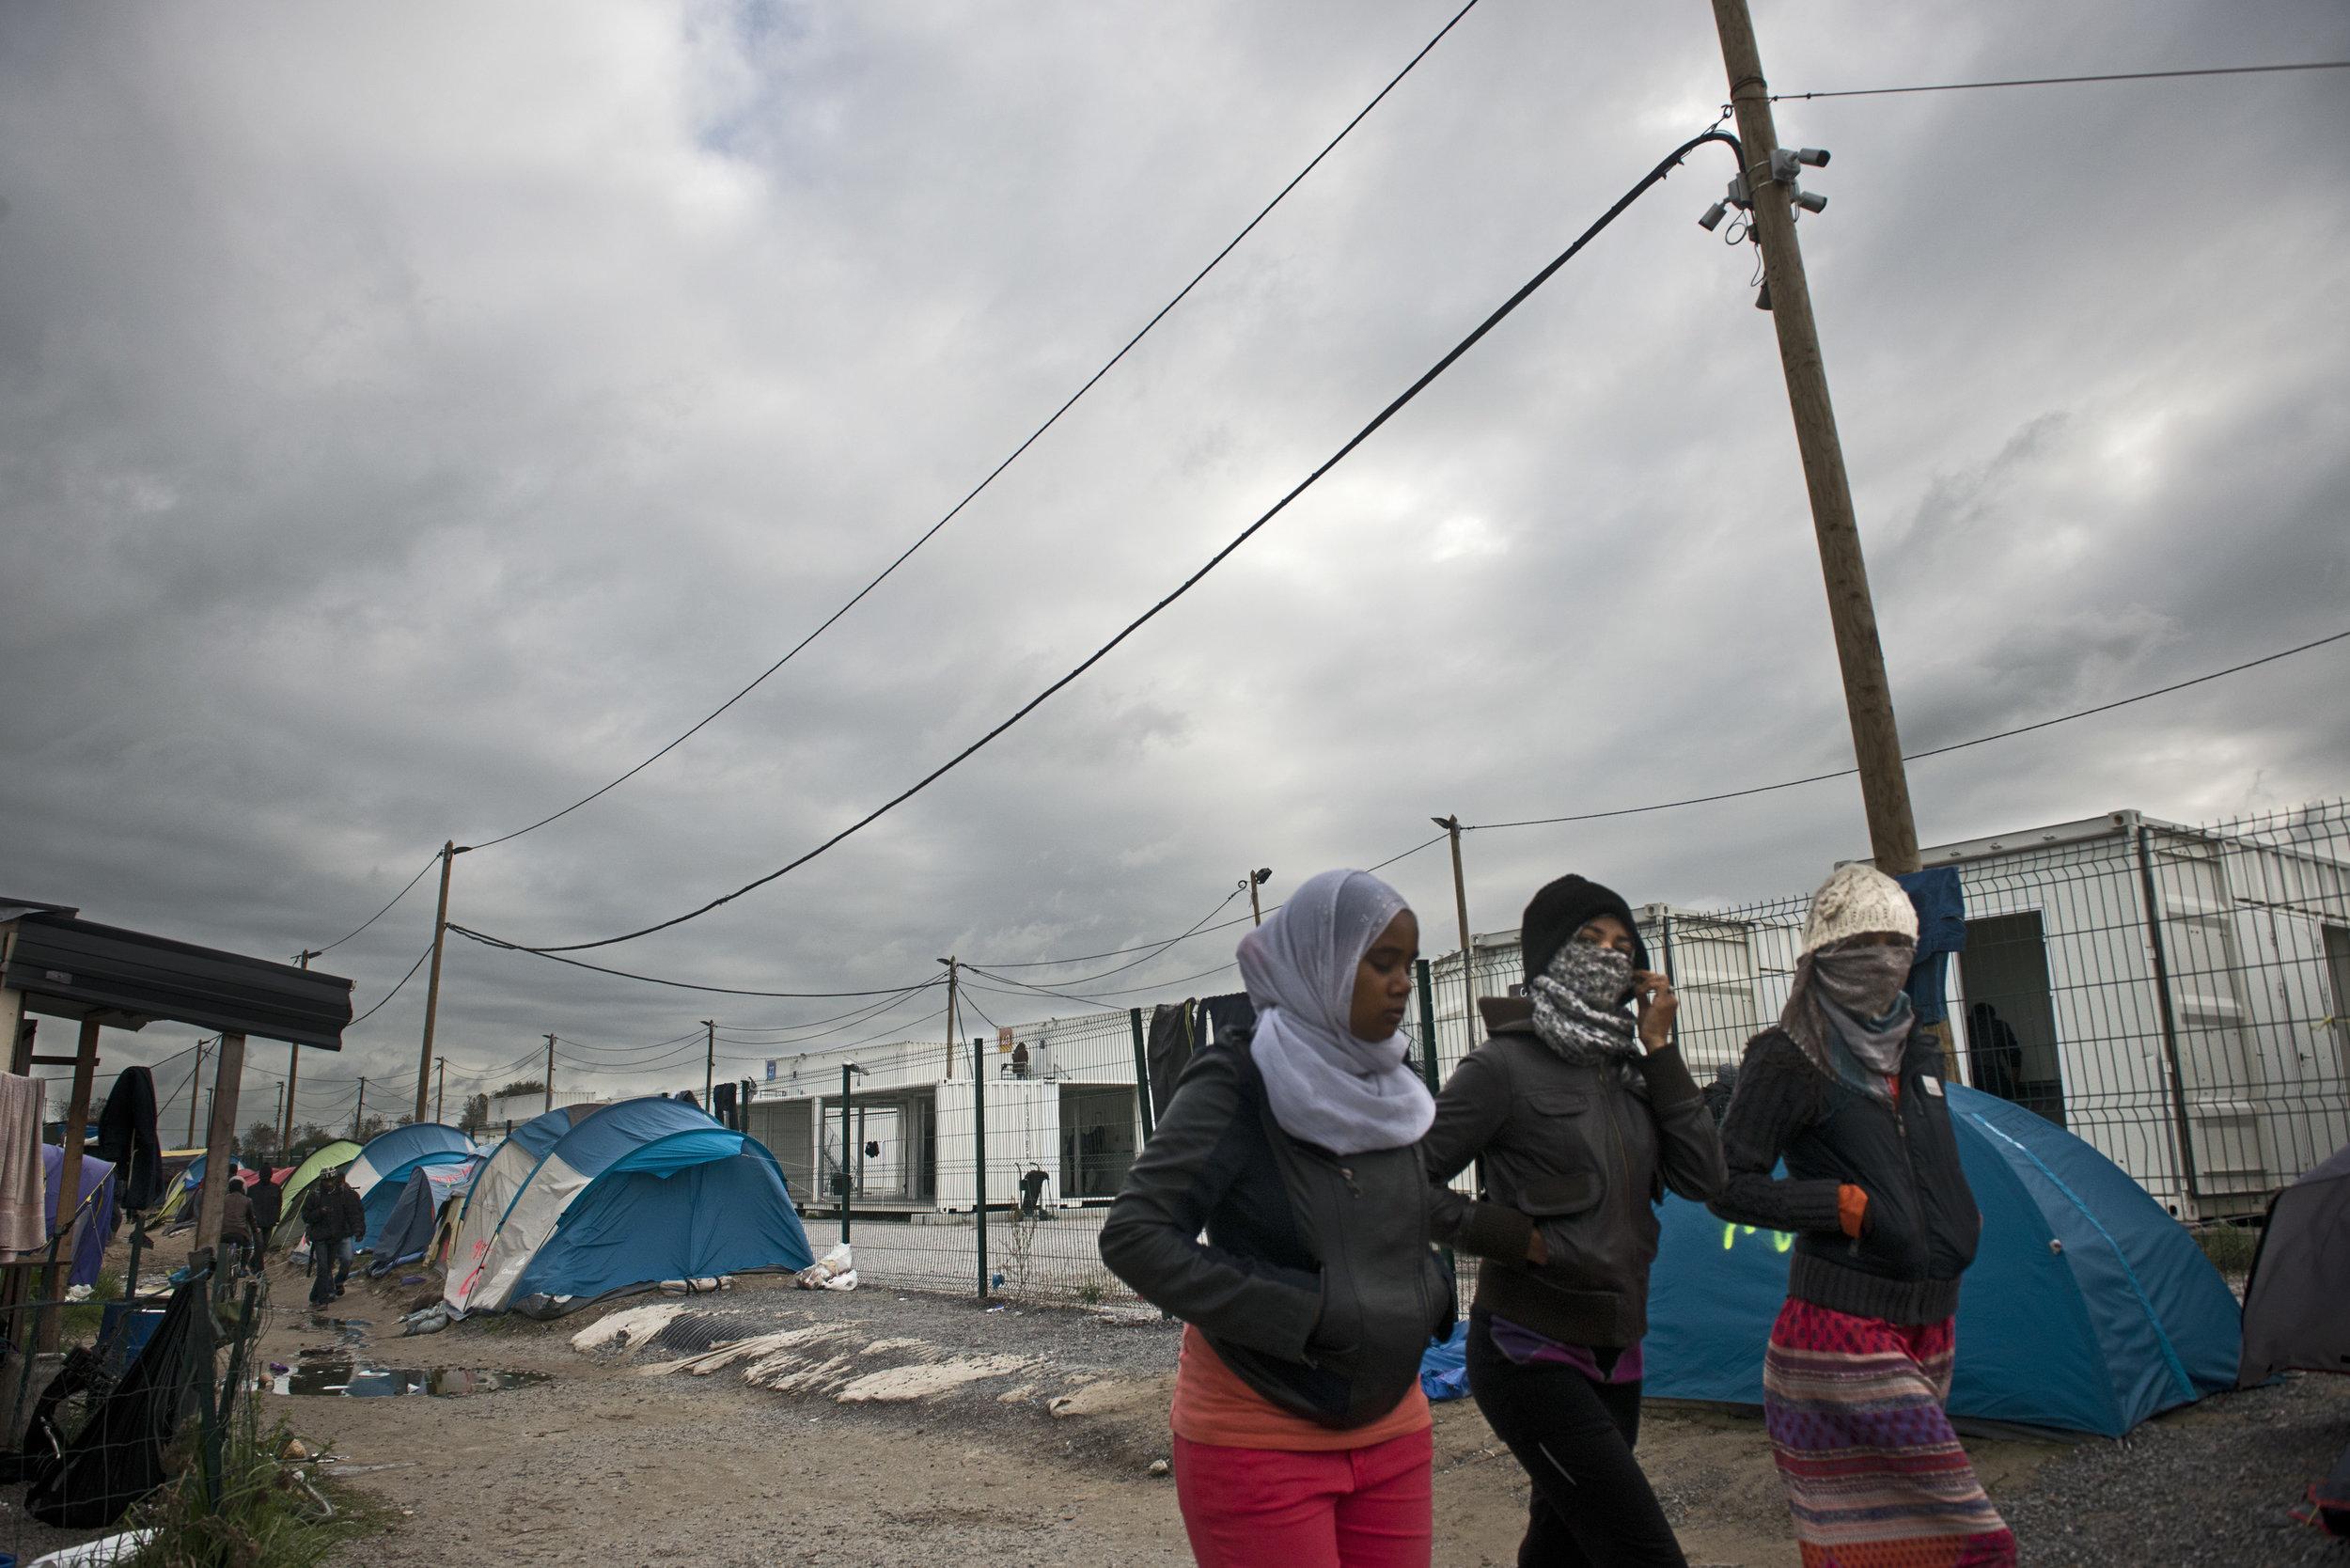 La Jungle commence visiblement à se vider.  Cet été,  il n'y avait plus aucun espace disponible pour poser une tente autour du  CAP (Centre d'Accueil Provisoire).  Ce n'est plus le cas aujourd'hui. L'annonce du démantèlement pousse les plus déterminés  à multiplier les tentatives de passage vers  l'Angleterre.  Les associations et les bénévoles constatent également que certains réfugiés ne veulent pas être emmenés dans les centres d'hébergement par crainte d'être «dublinés», et  renvoyés  vers le premier pays européen qu'ils ont foulé. Ils préfèrent alors quitter d'eux-mêmes la Jungle pour se mettre à l'abri à Paris ou ailleurs le long du littoral, «avant que  l'ouragan Cazeneuve ne souffle sur le camp».